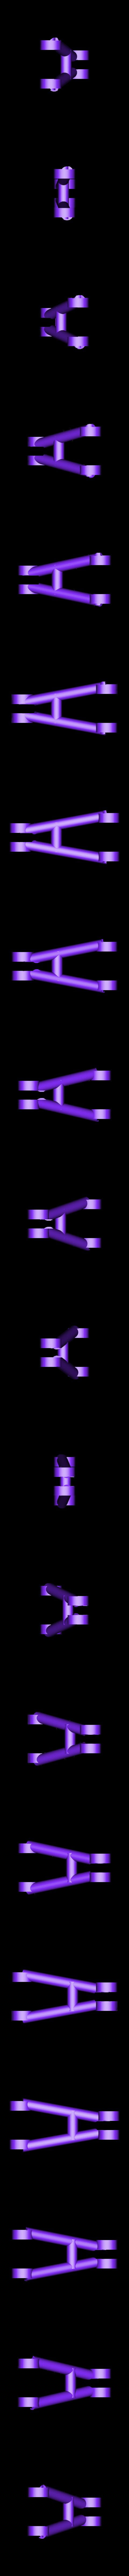 vork boven.stl Download free STL file quad (custom) • 3D printing design, jasperbaudoin